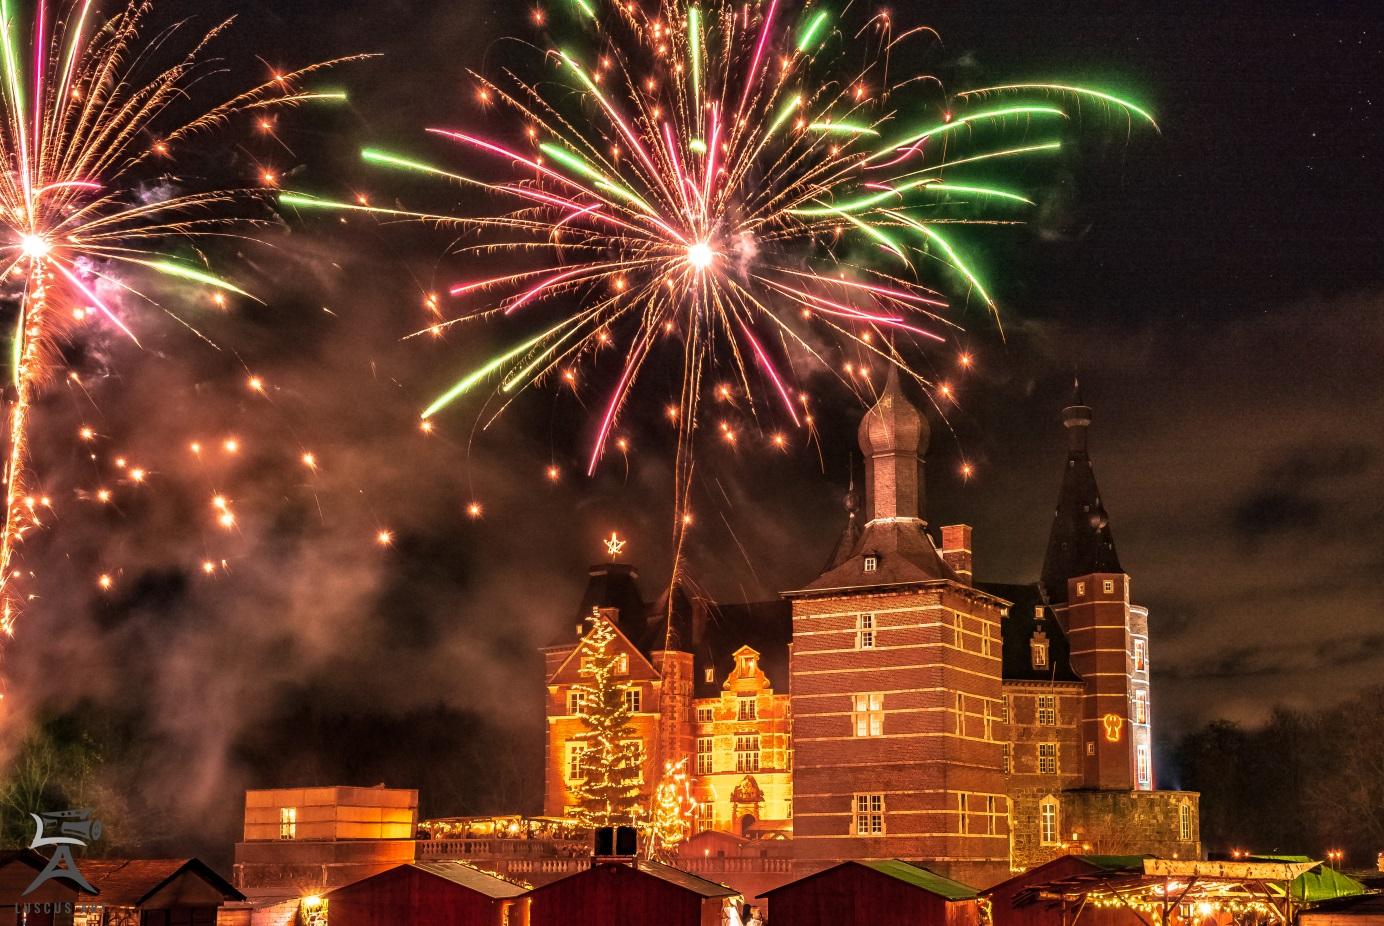 Weihnachtsmarkt Schloss Merode.Weihnachtsmarkt Auf Schloss Merode Bietet Einige Neuigkeiten Dn News